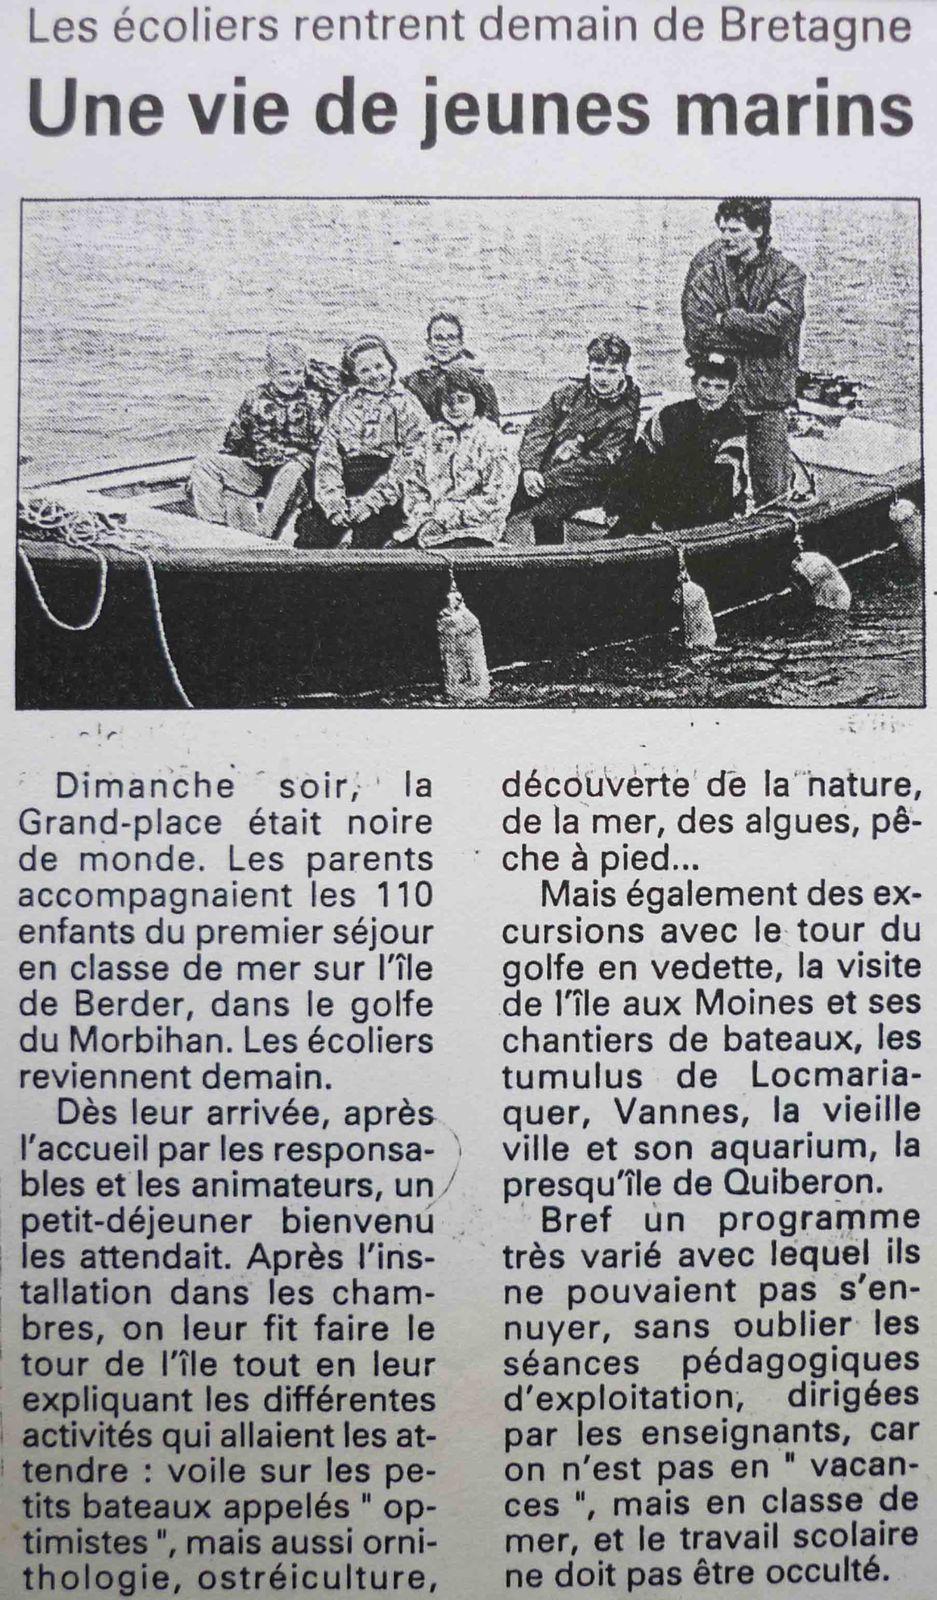 Mars 1995, les écoliers barlinois passent une semaine en classe de mer sur l'île de Berder.